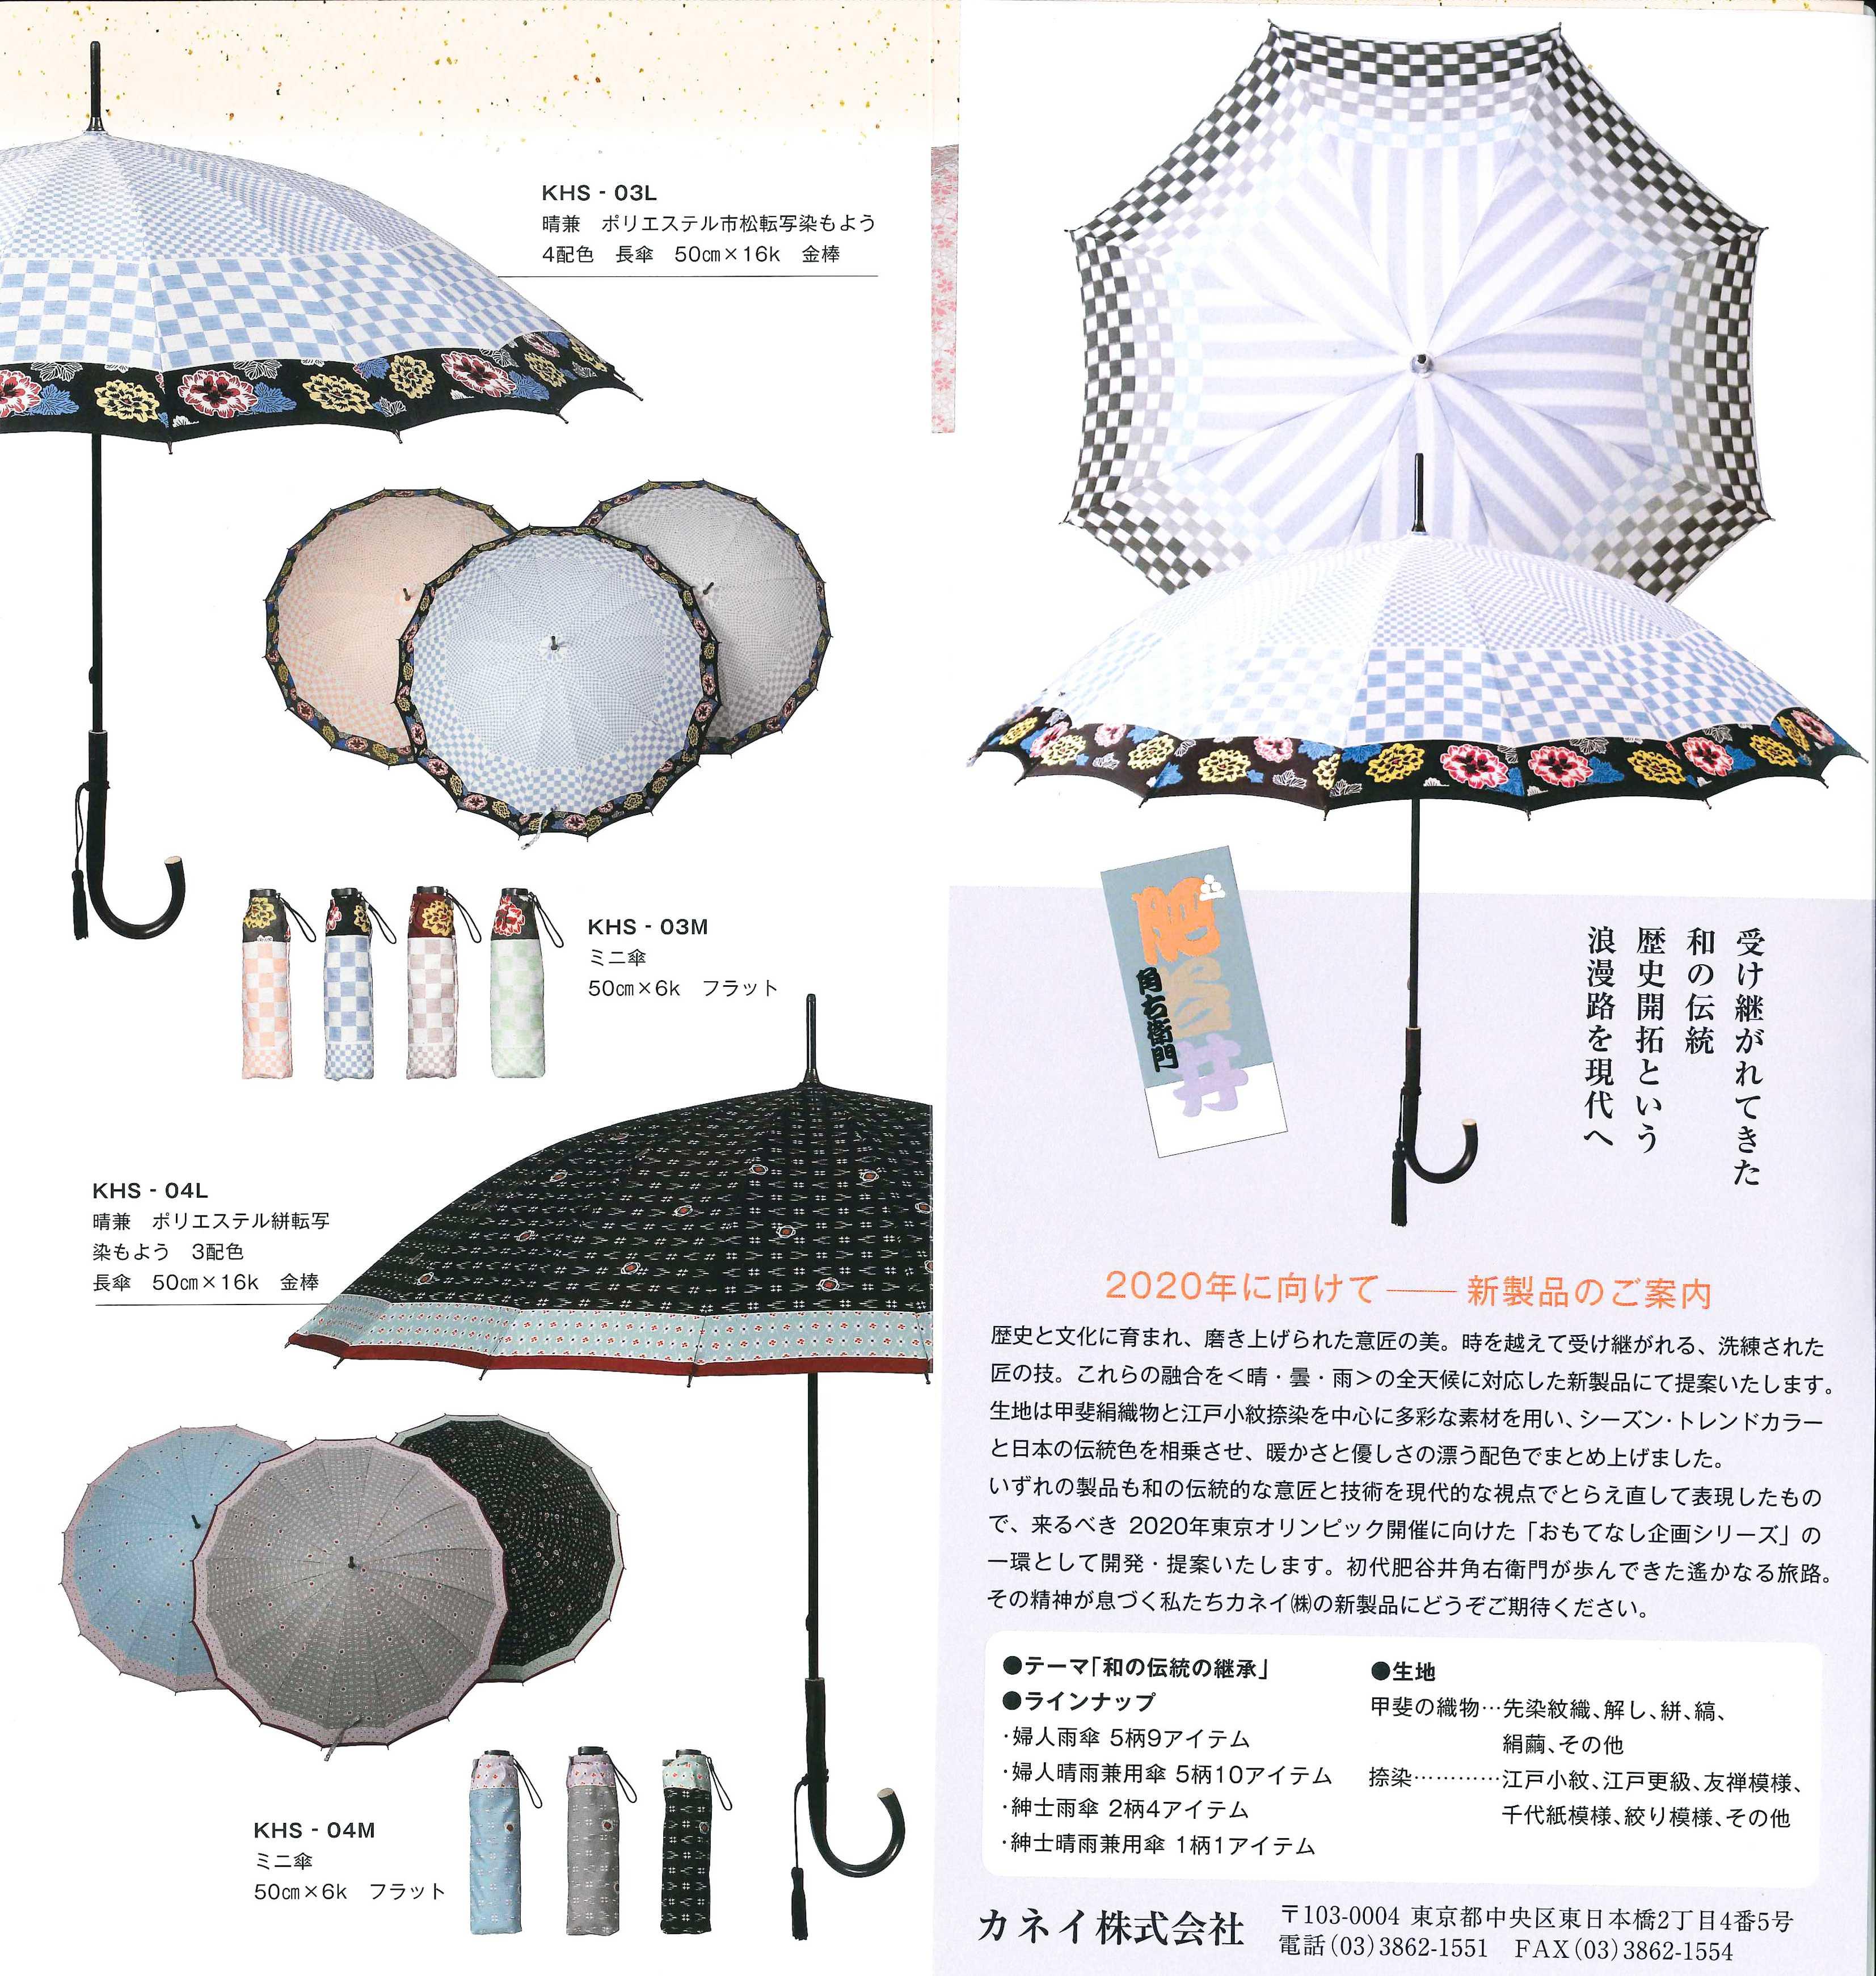 傘,2020年,東京オリンピック